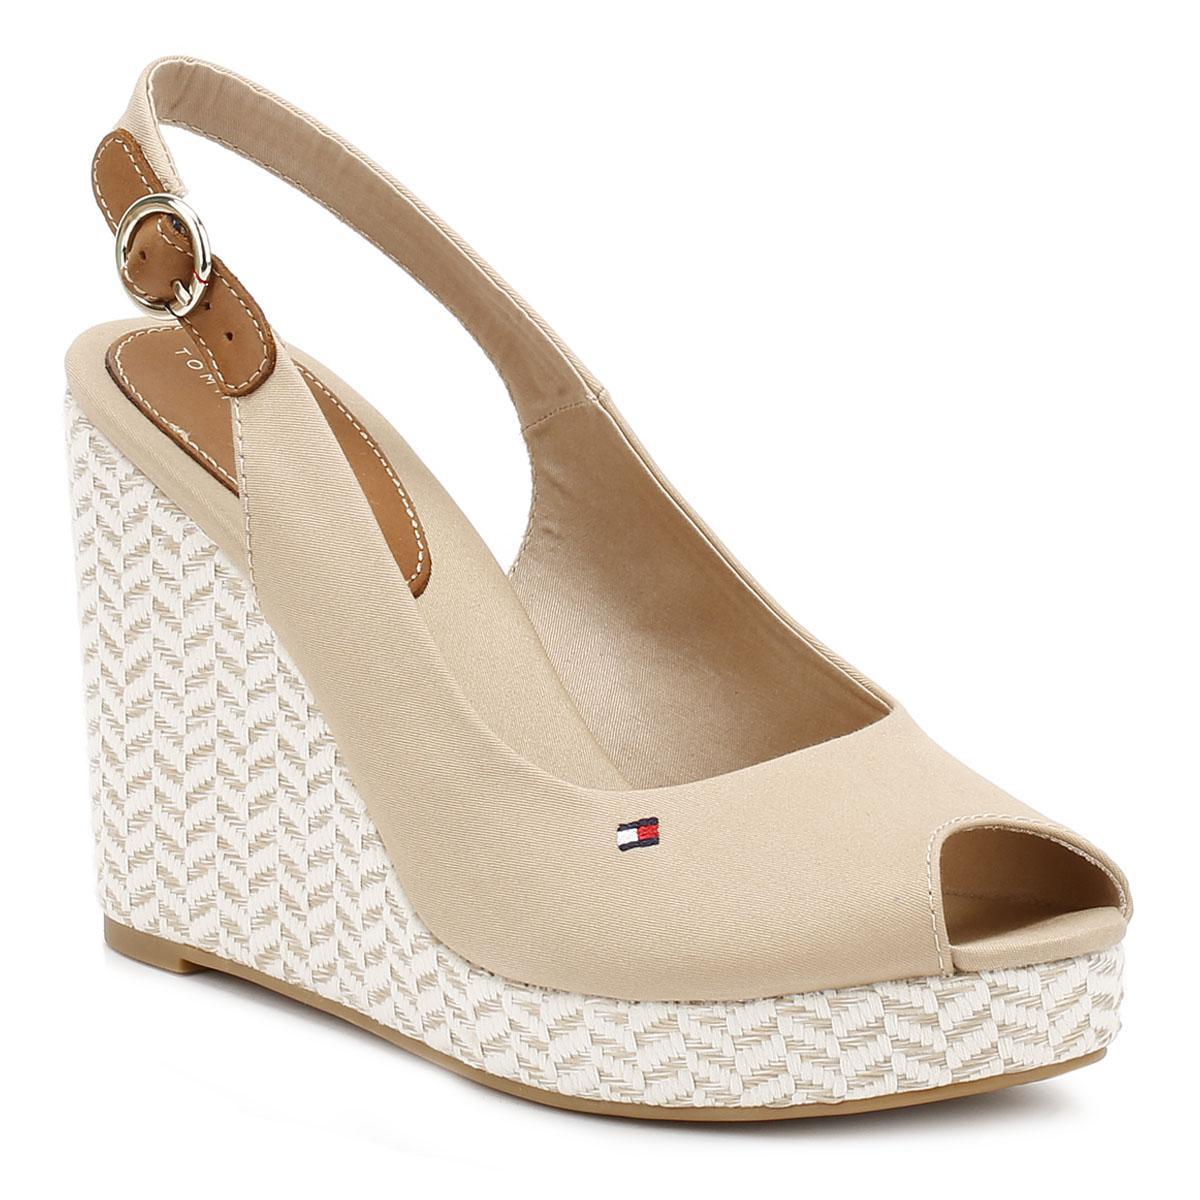 Tommy Hilfiger Fw0fw02788 Women S Sandals In Beige In